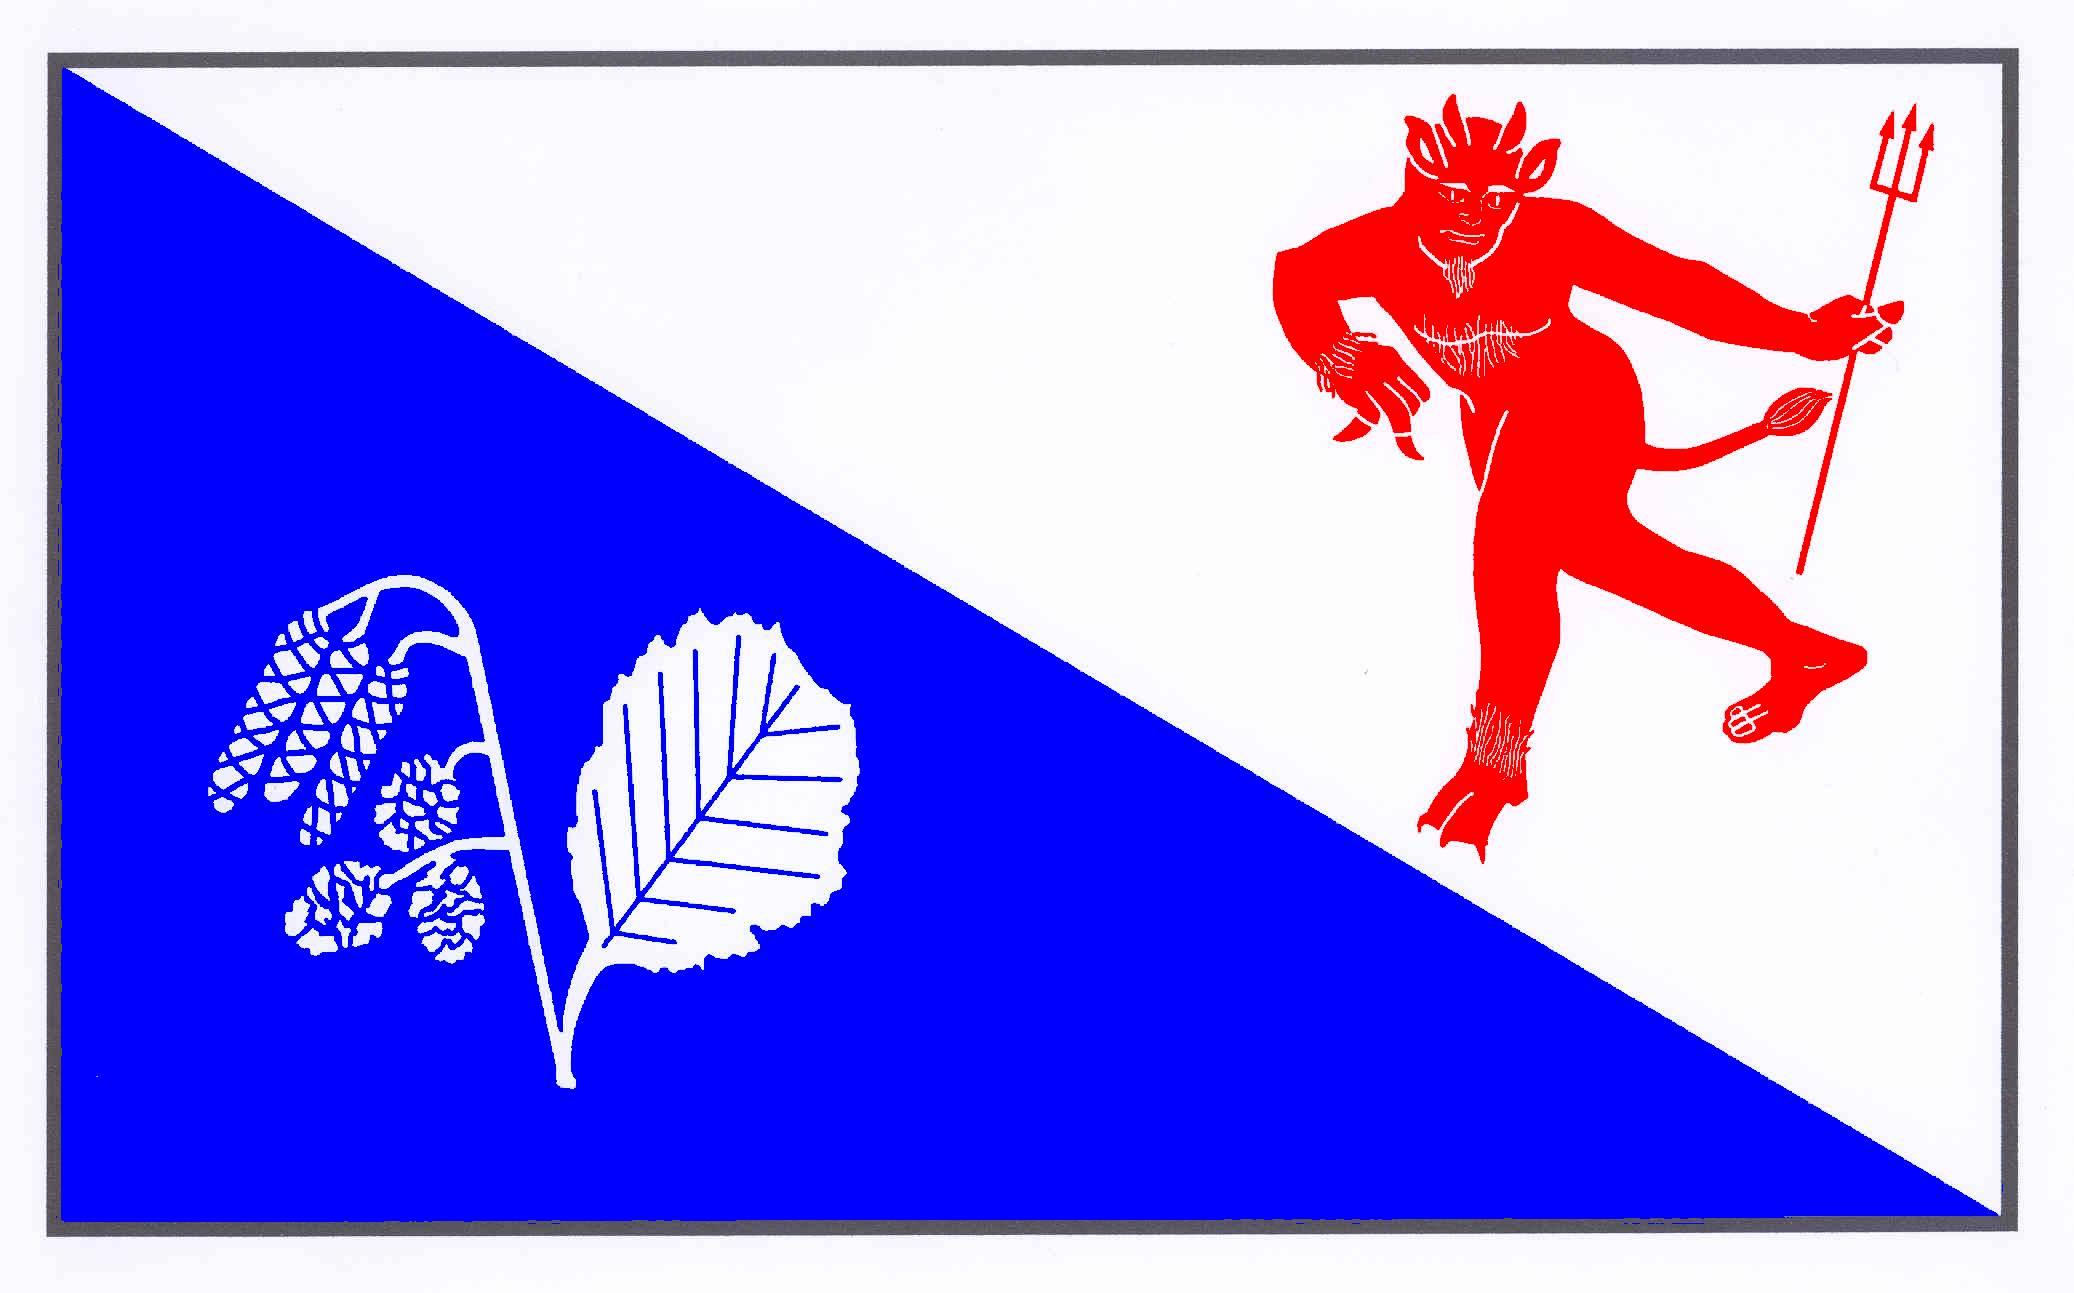 Flagge GemeindeTalkau, Kreis Herzogtum Lauenburg